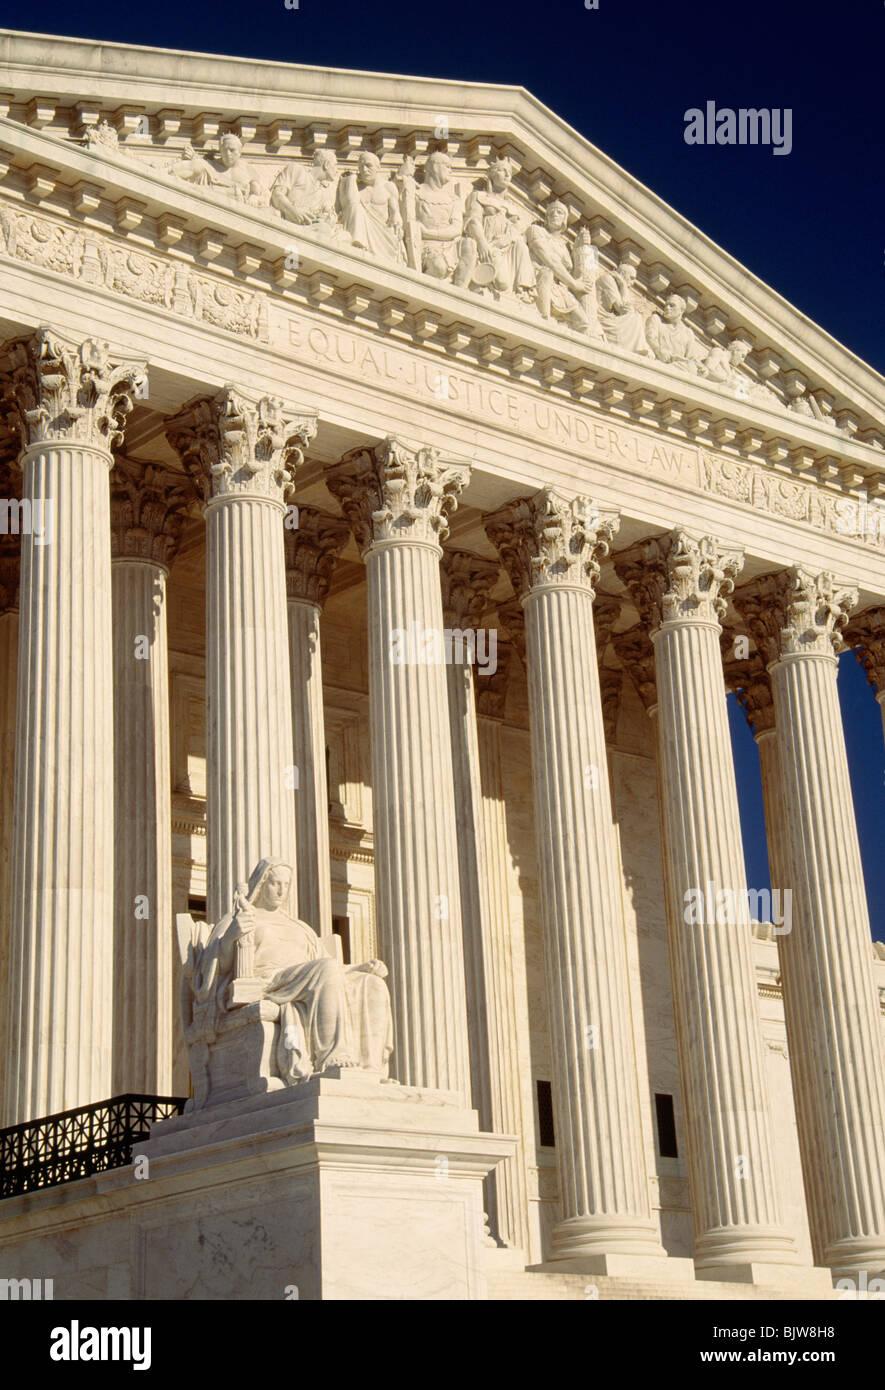 United States Supreme Court, Washington DC - Stock Image